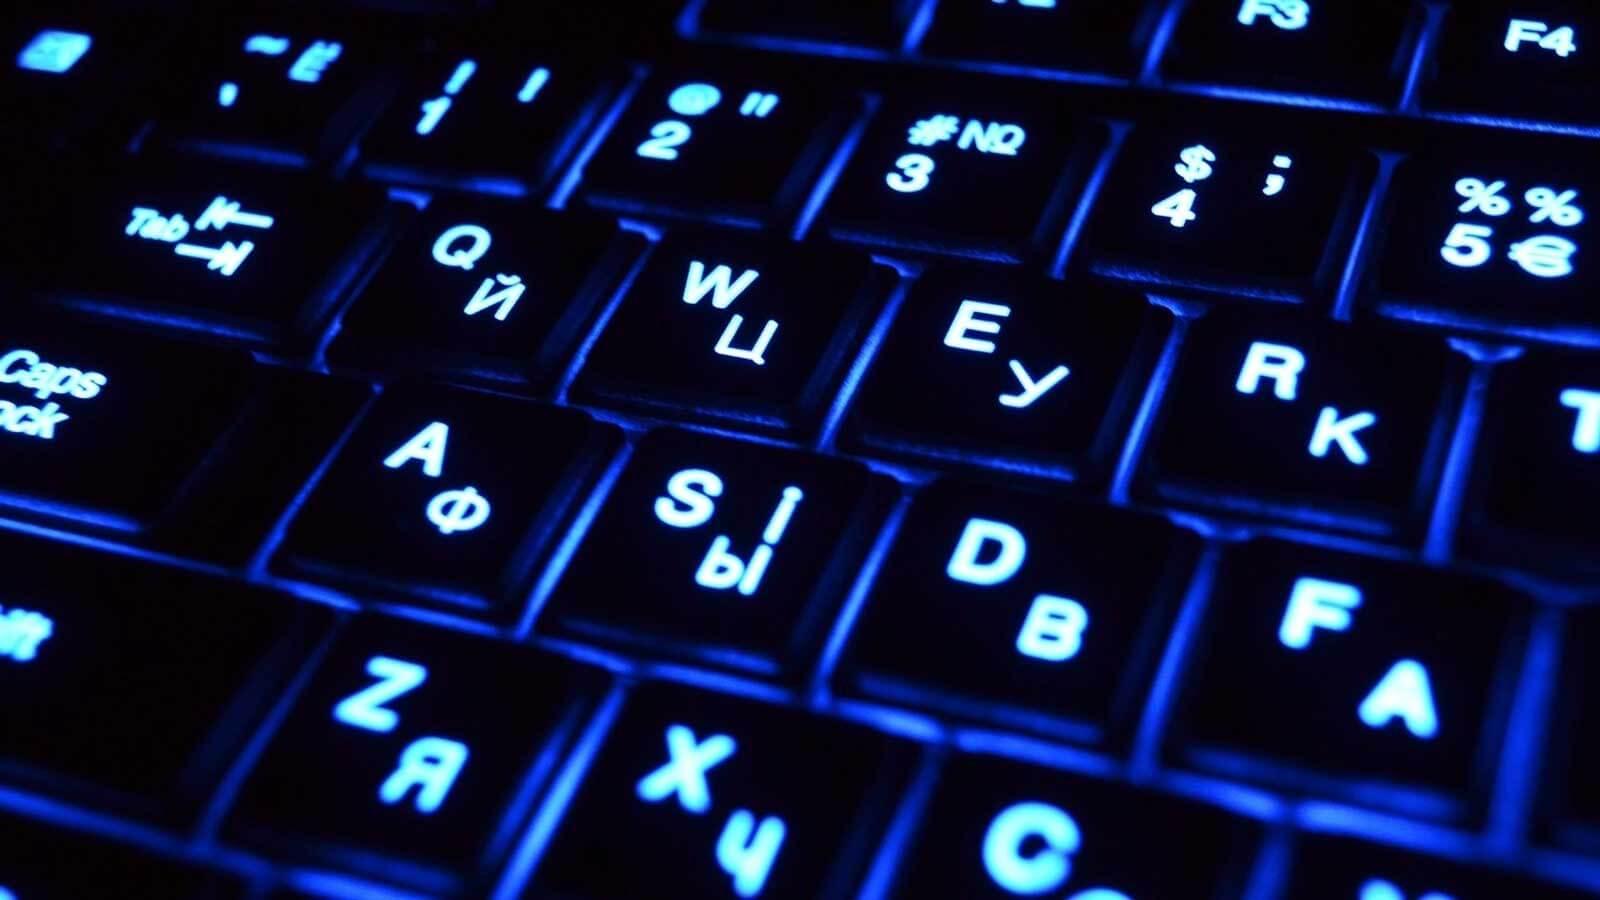 Laptop Klavye Işığı Sorunu Güncelleme Sonrası Laptop Klavye Işığı Yanmıyor Sorunu Güncelleme Sonrası Laptop Klavye Işığı Yanmıyor Sorunu laptop klavye isigi